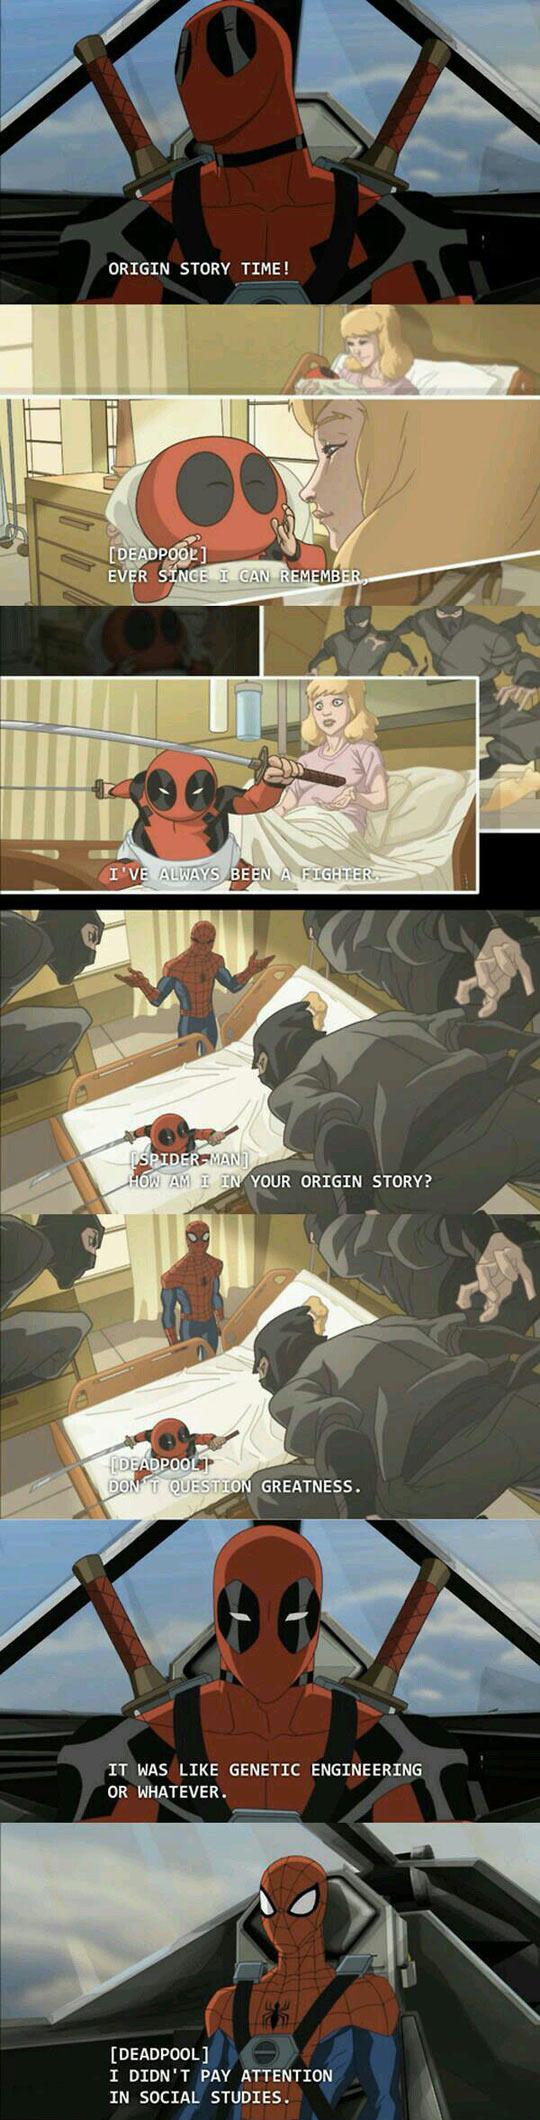 Origin Story Time